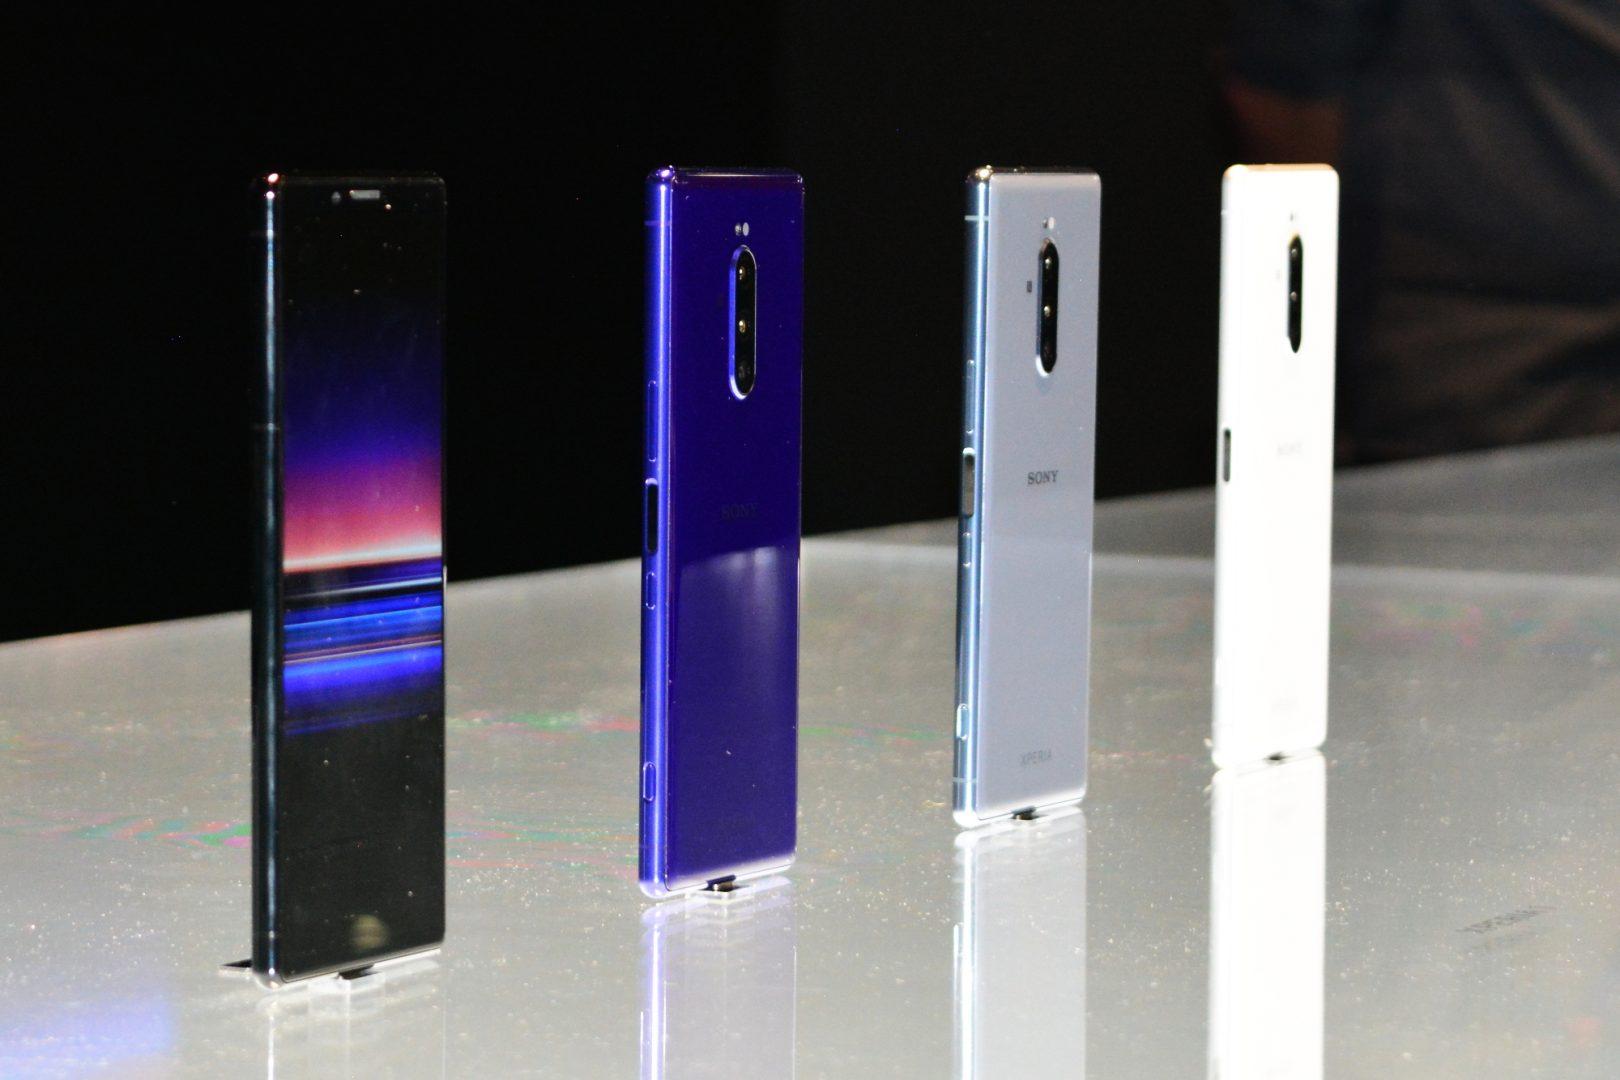 Вярна на стремежа да даде максимум мултимедийни забавления в ръцете на потребителите, Sony изстреля Xperia 1 на Световния мобилен конгрес, вкарвайки в смартфона професионални снимачни функции, които ще зарадват любителите на всякакъв тип видеосъдържание.